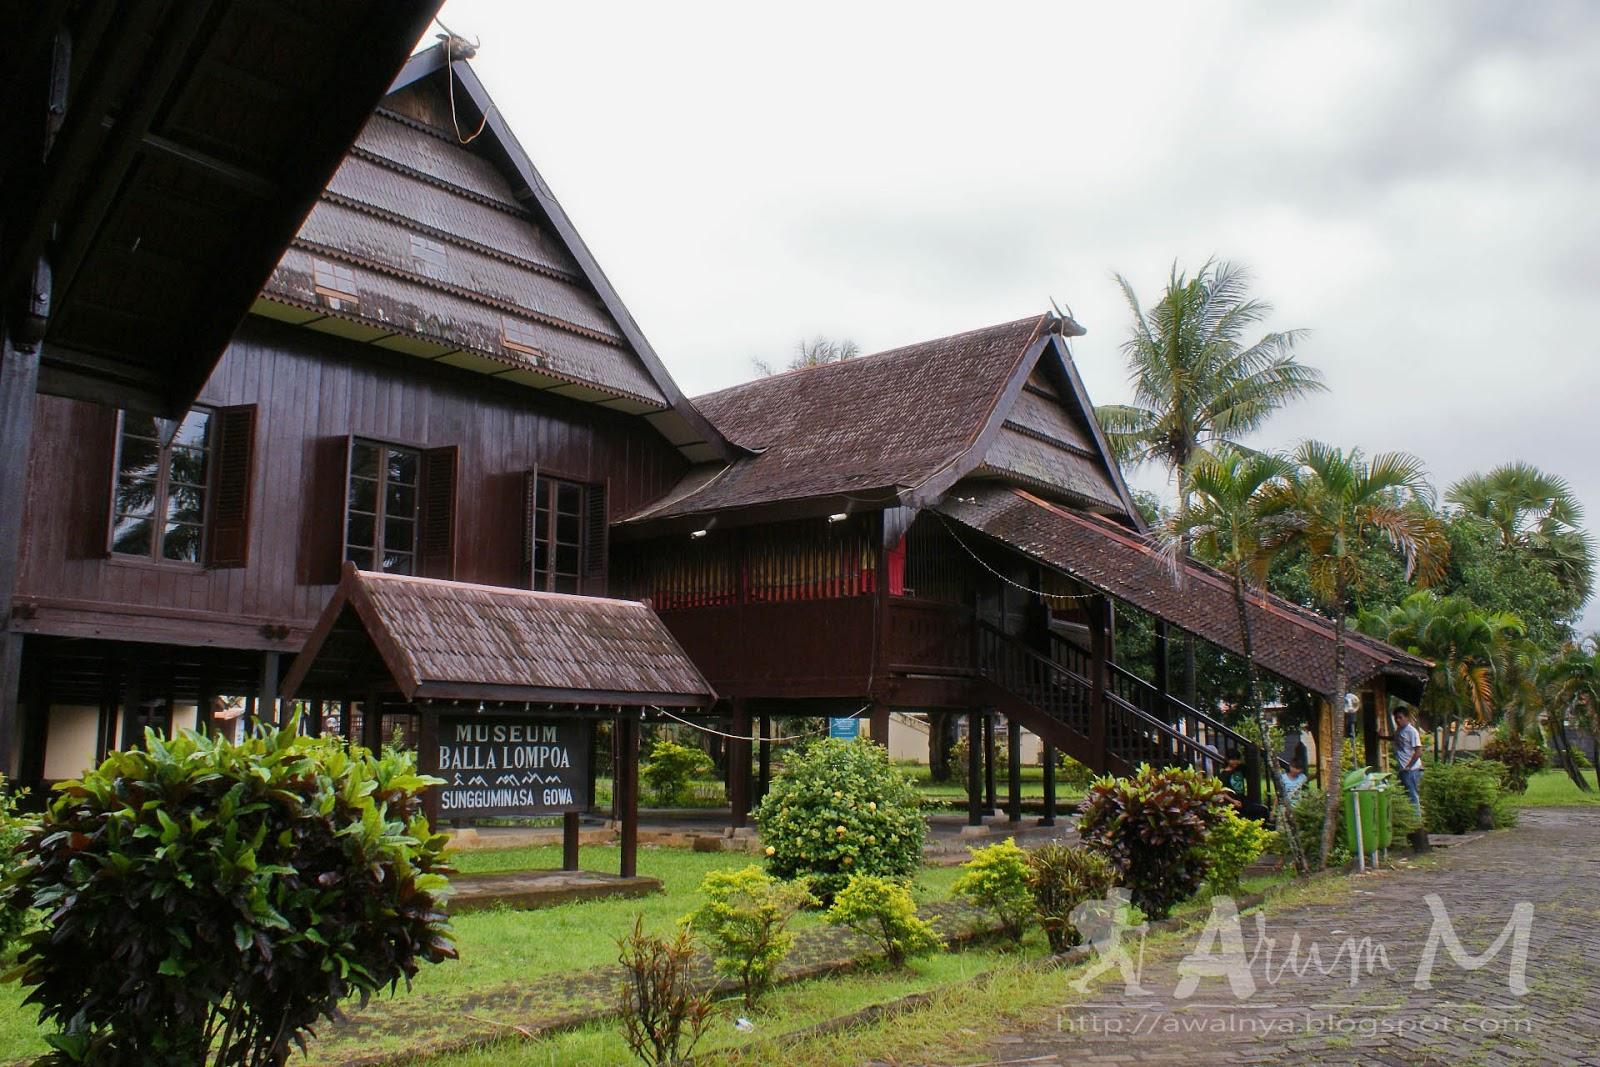 Indonesia Sungguh Indah Rumah Besar Balla Lompoa Museum Kota Makassar